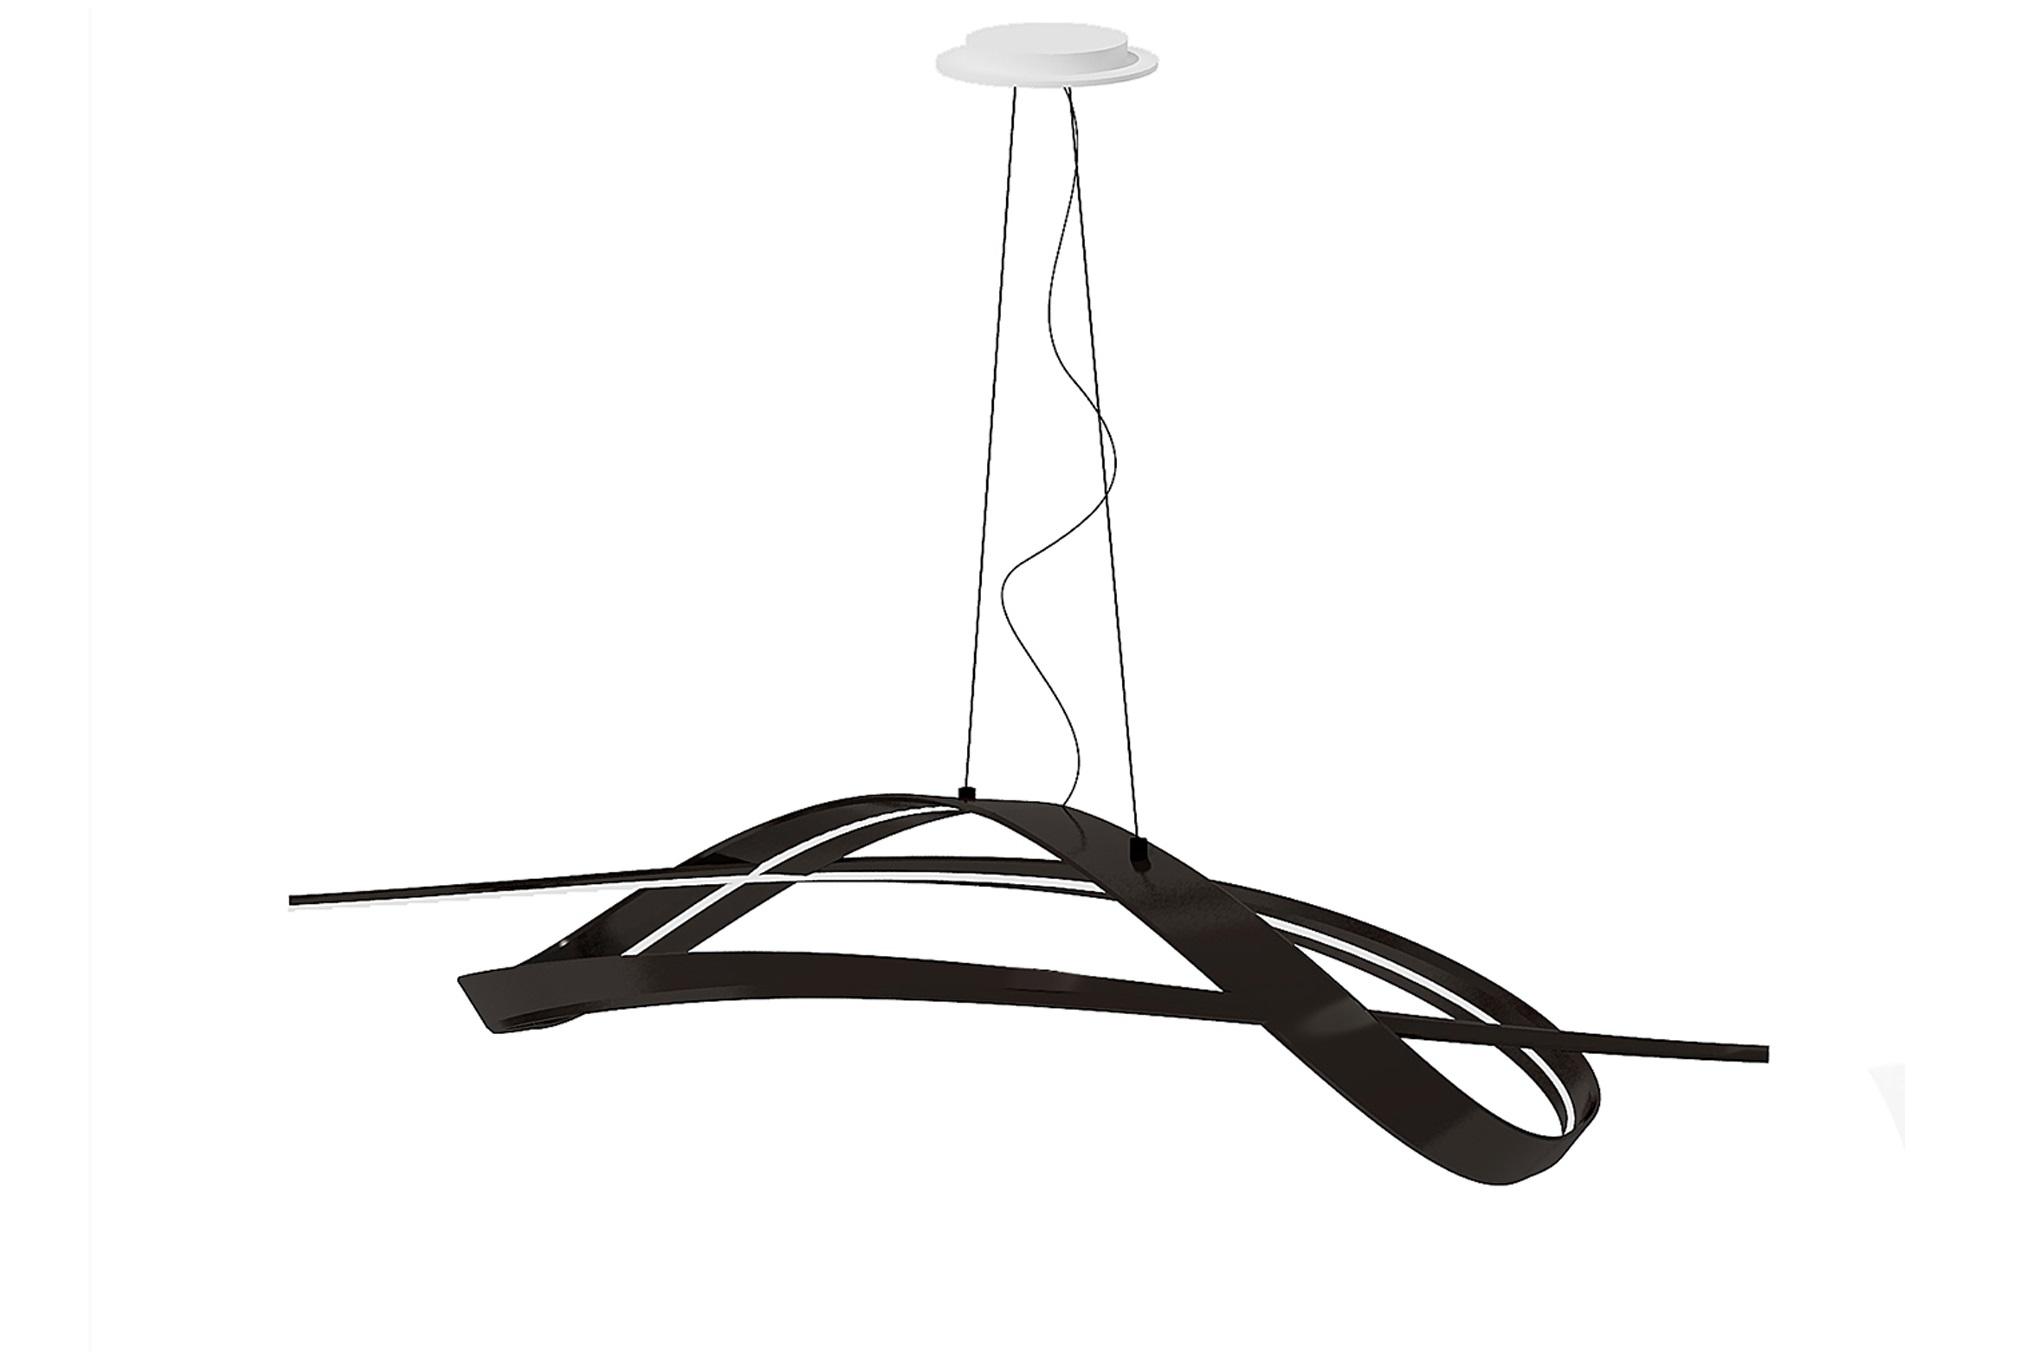 Подвесной светильник brazo l (actualdesign) черный 58.0x30.0x146.0 см.